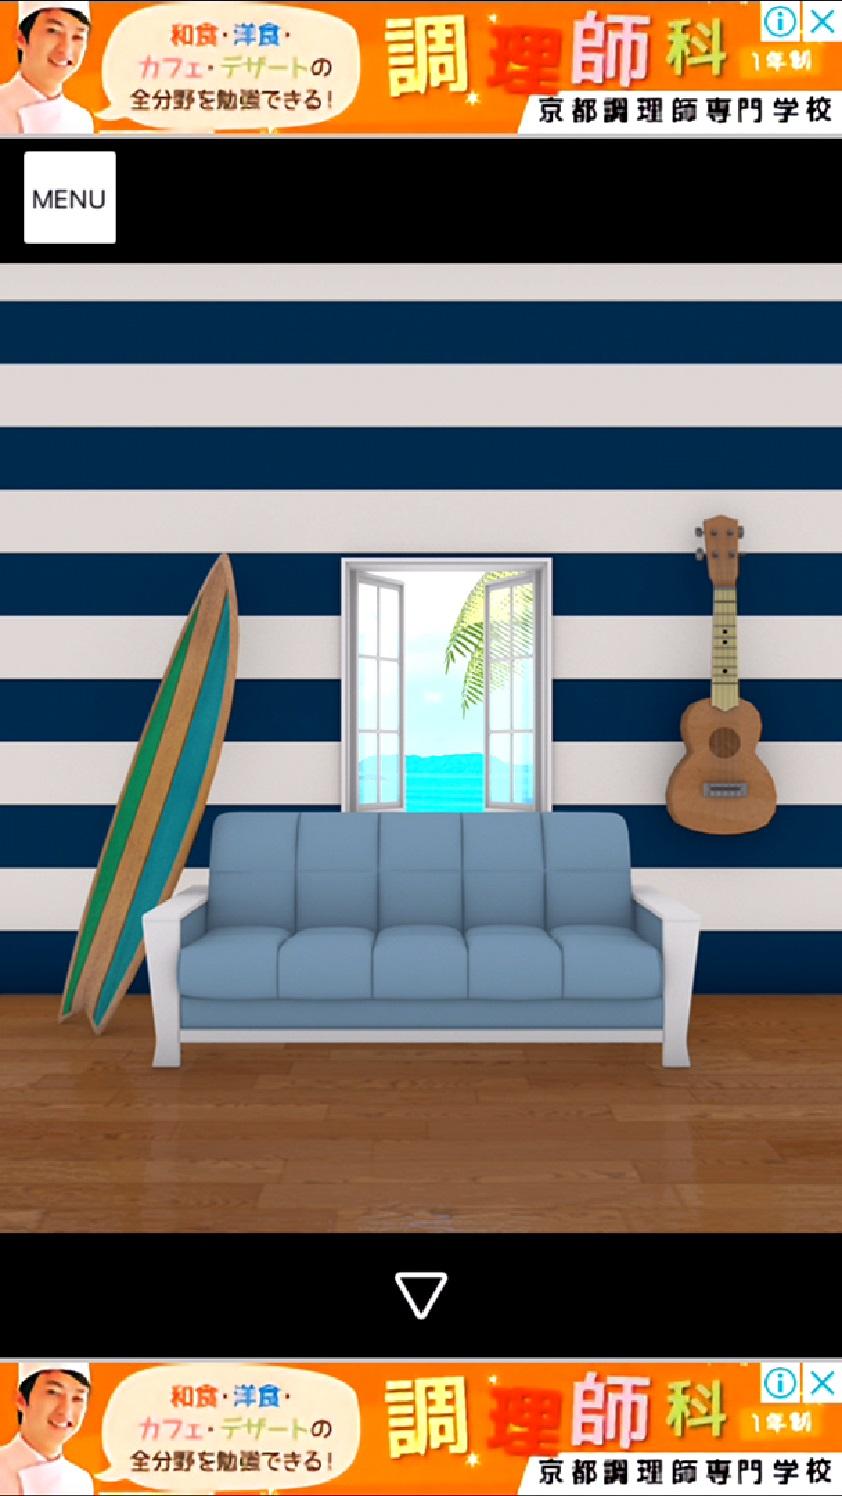 脱出ゲーム Aloha ハワイの海に浮かぶ家 androidアプリスクリーンショット1